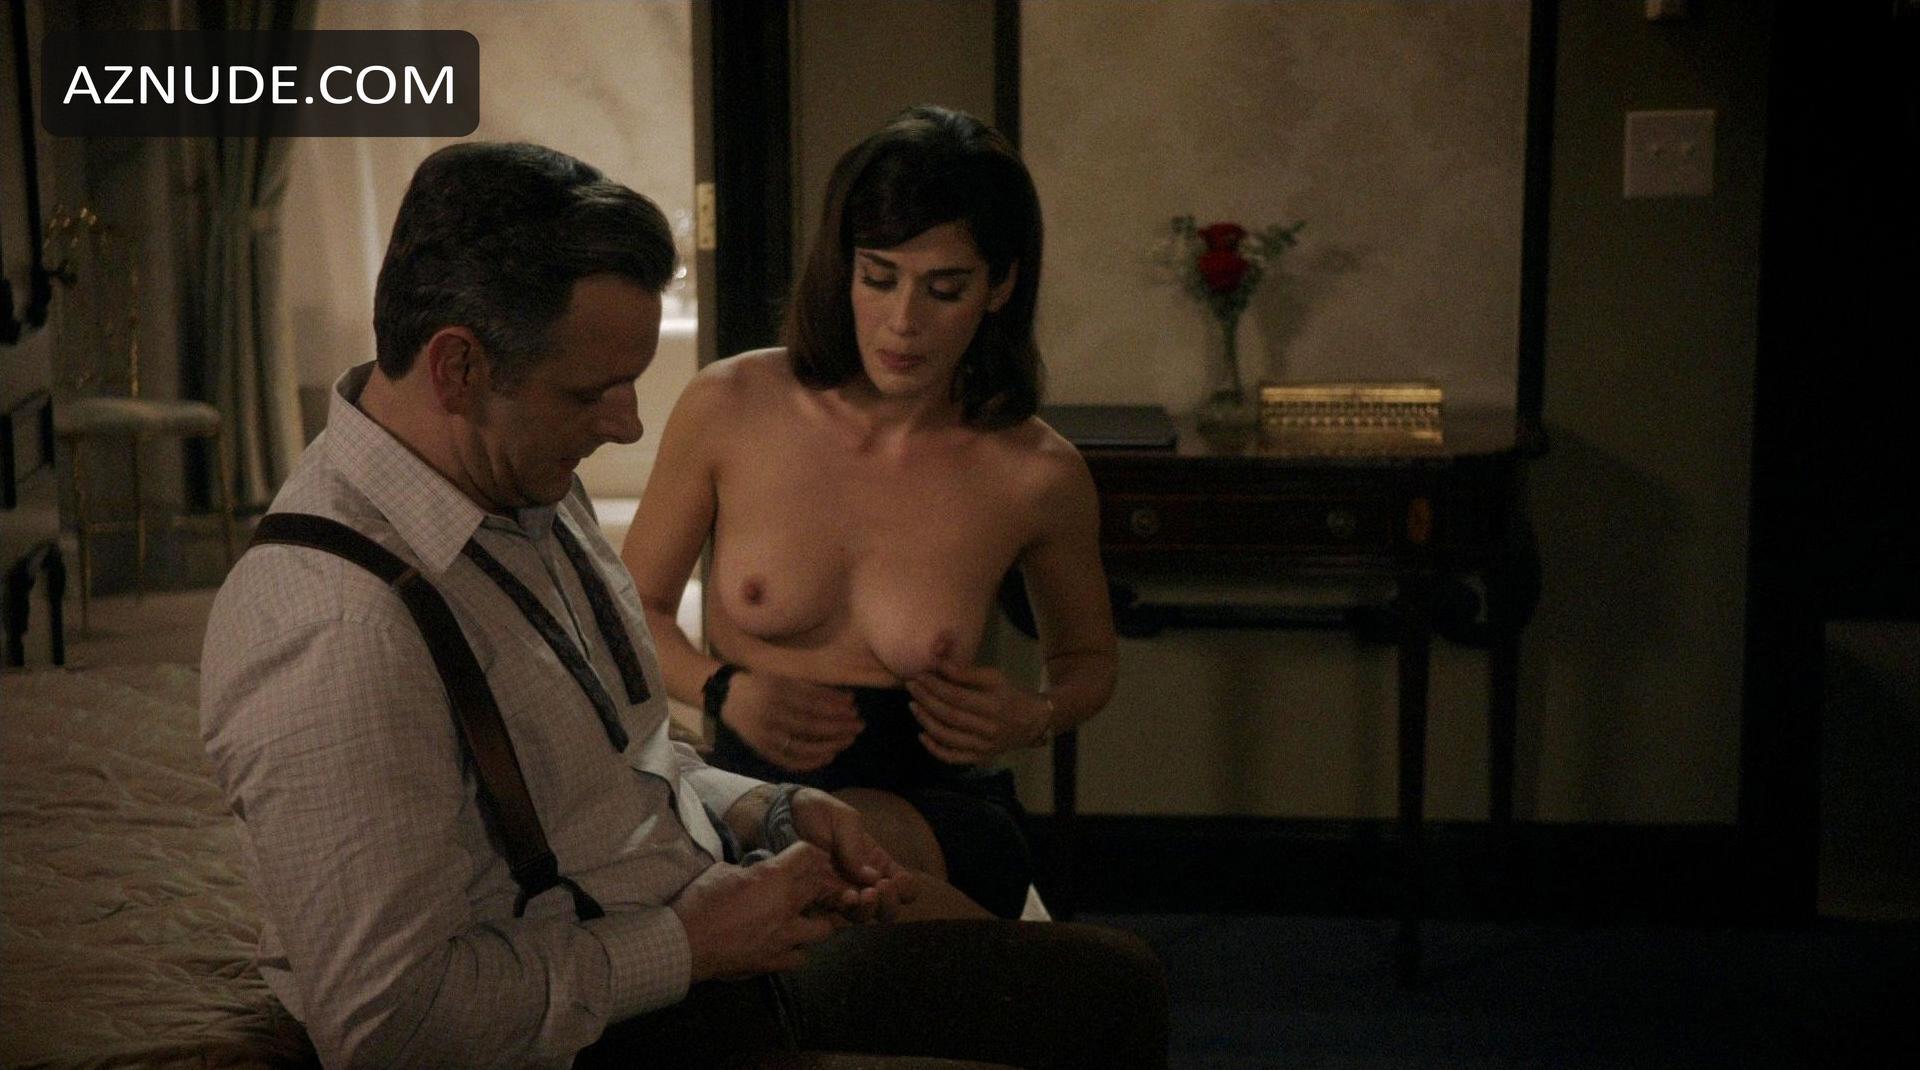 Nicole steinwedell desnuda